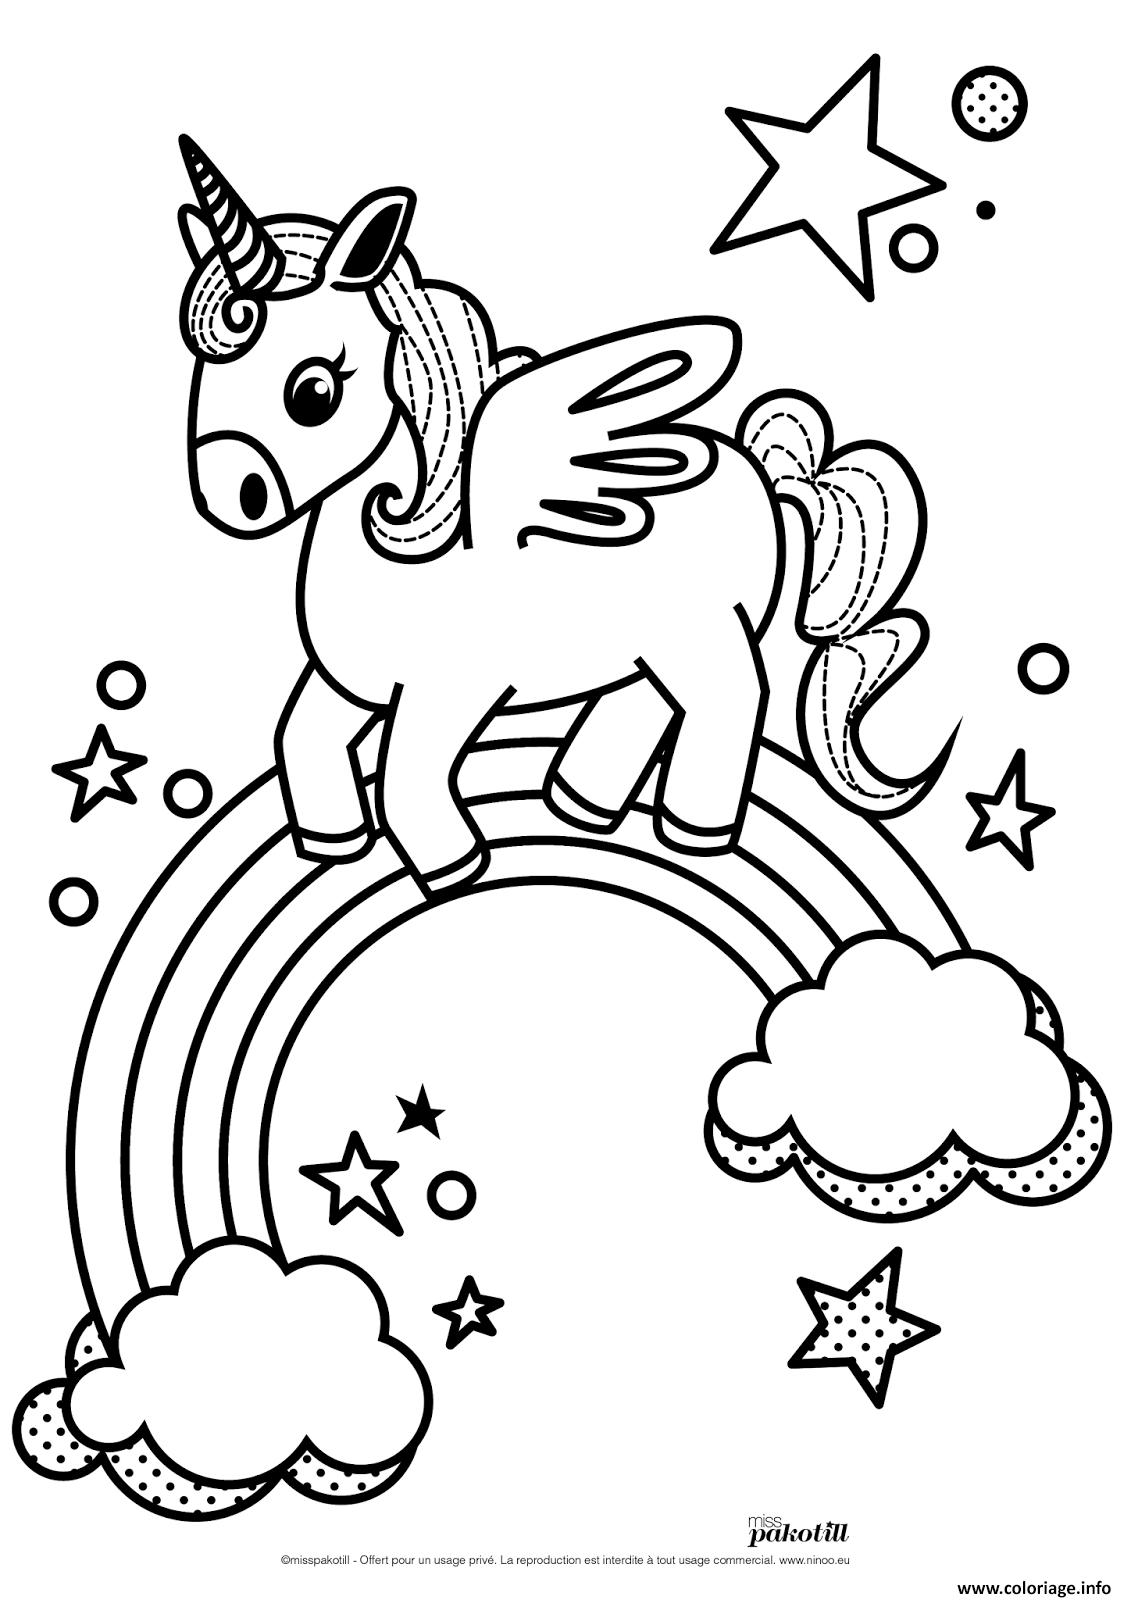 Coloriage dessin licorne arc en ciel - Coloriage ciel ...